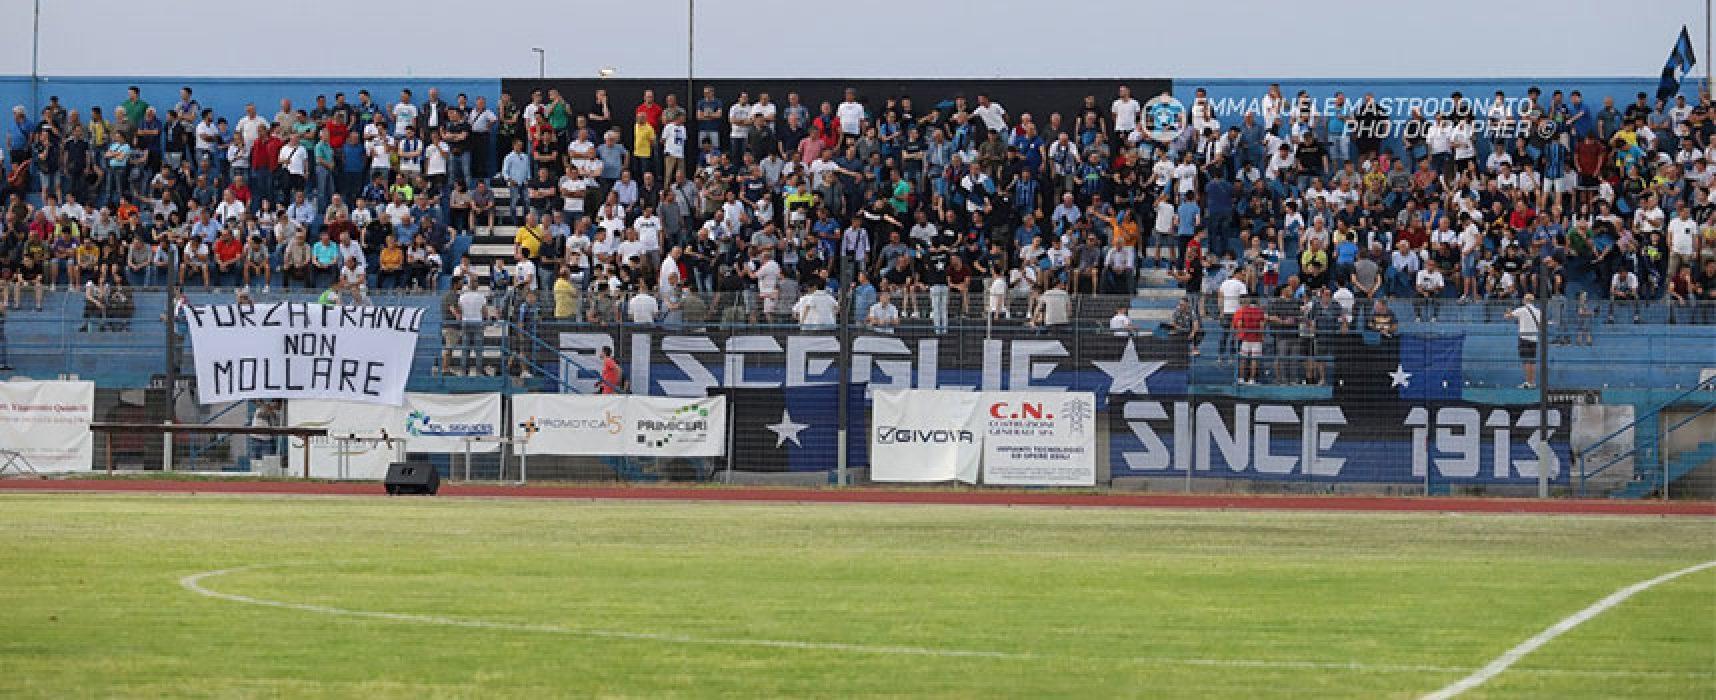 Composti i gironi di Serie C con il girone C a 19 squadre, il Bisceglie Calcio spera